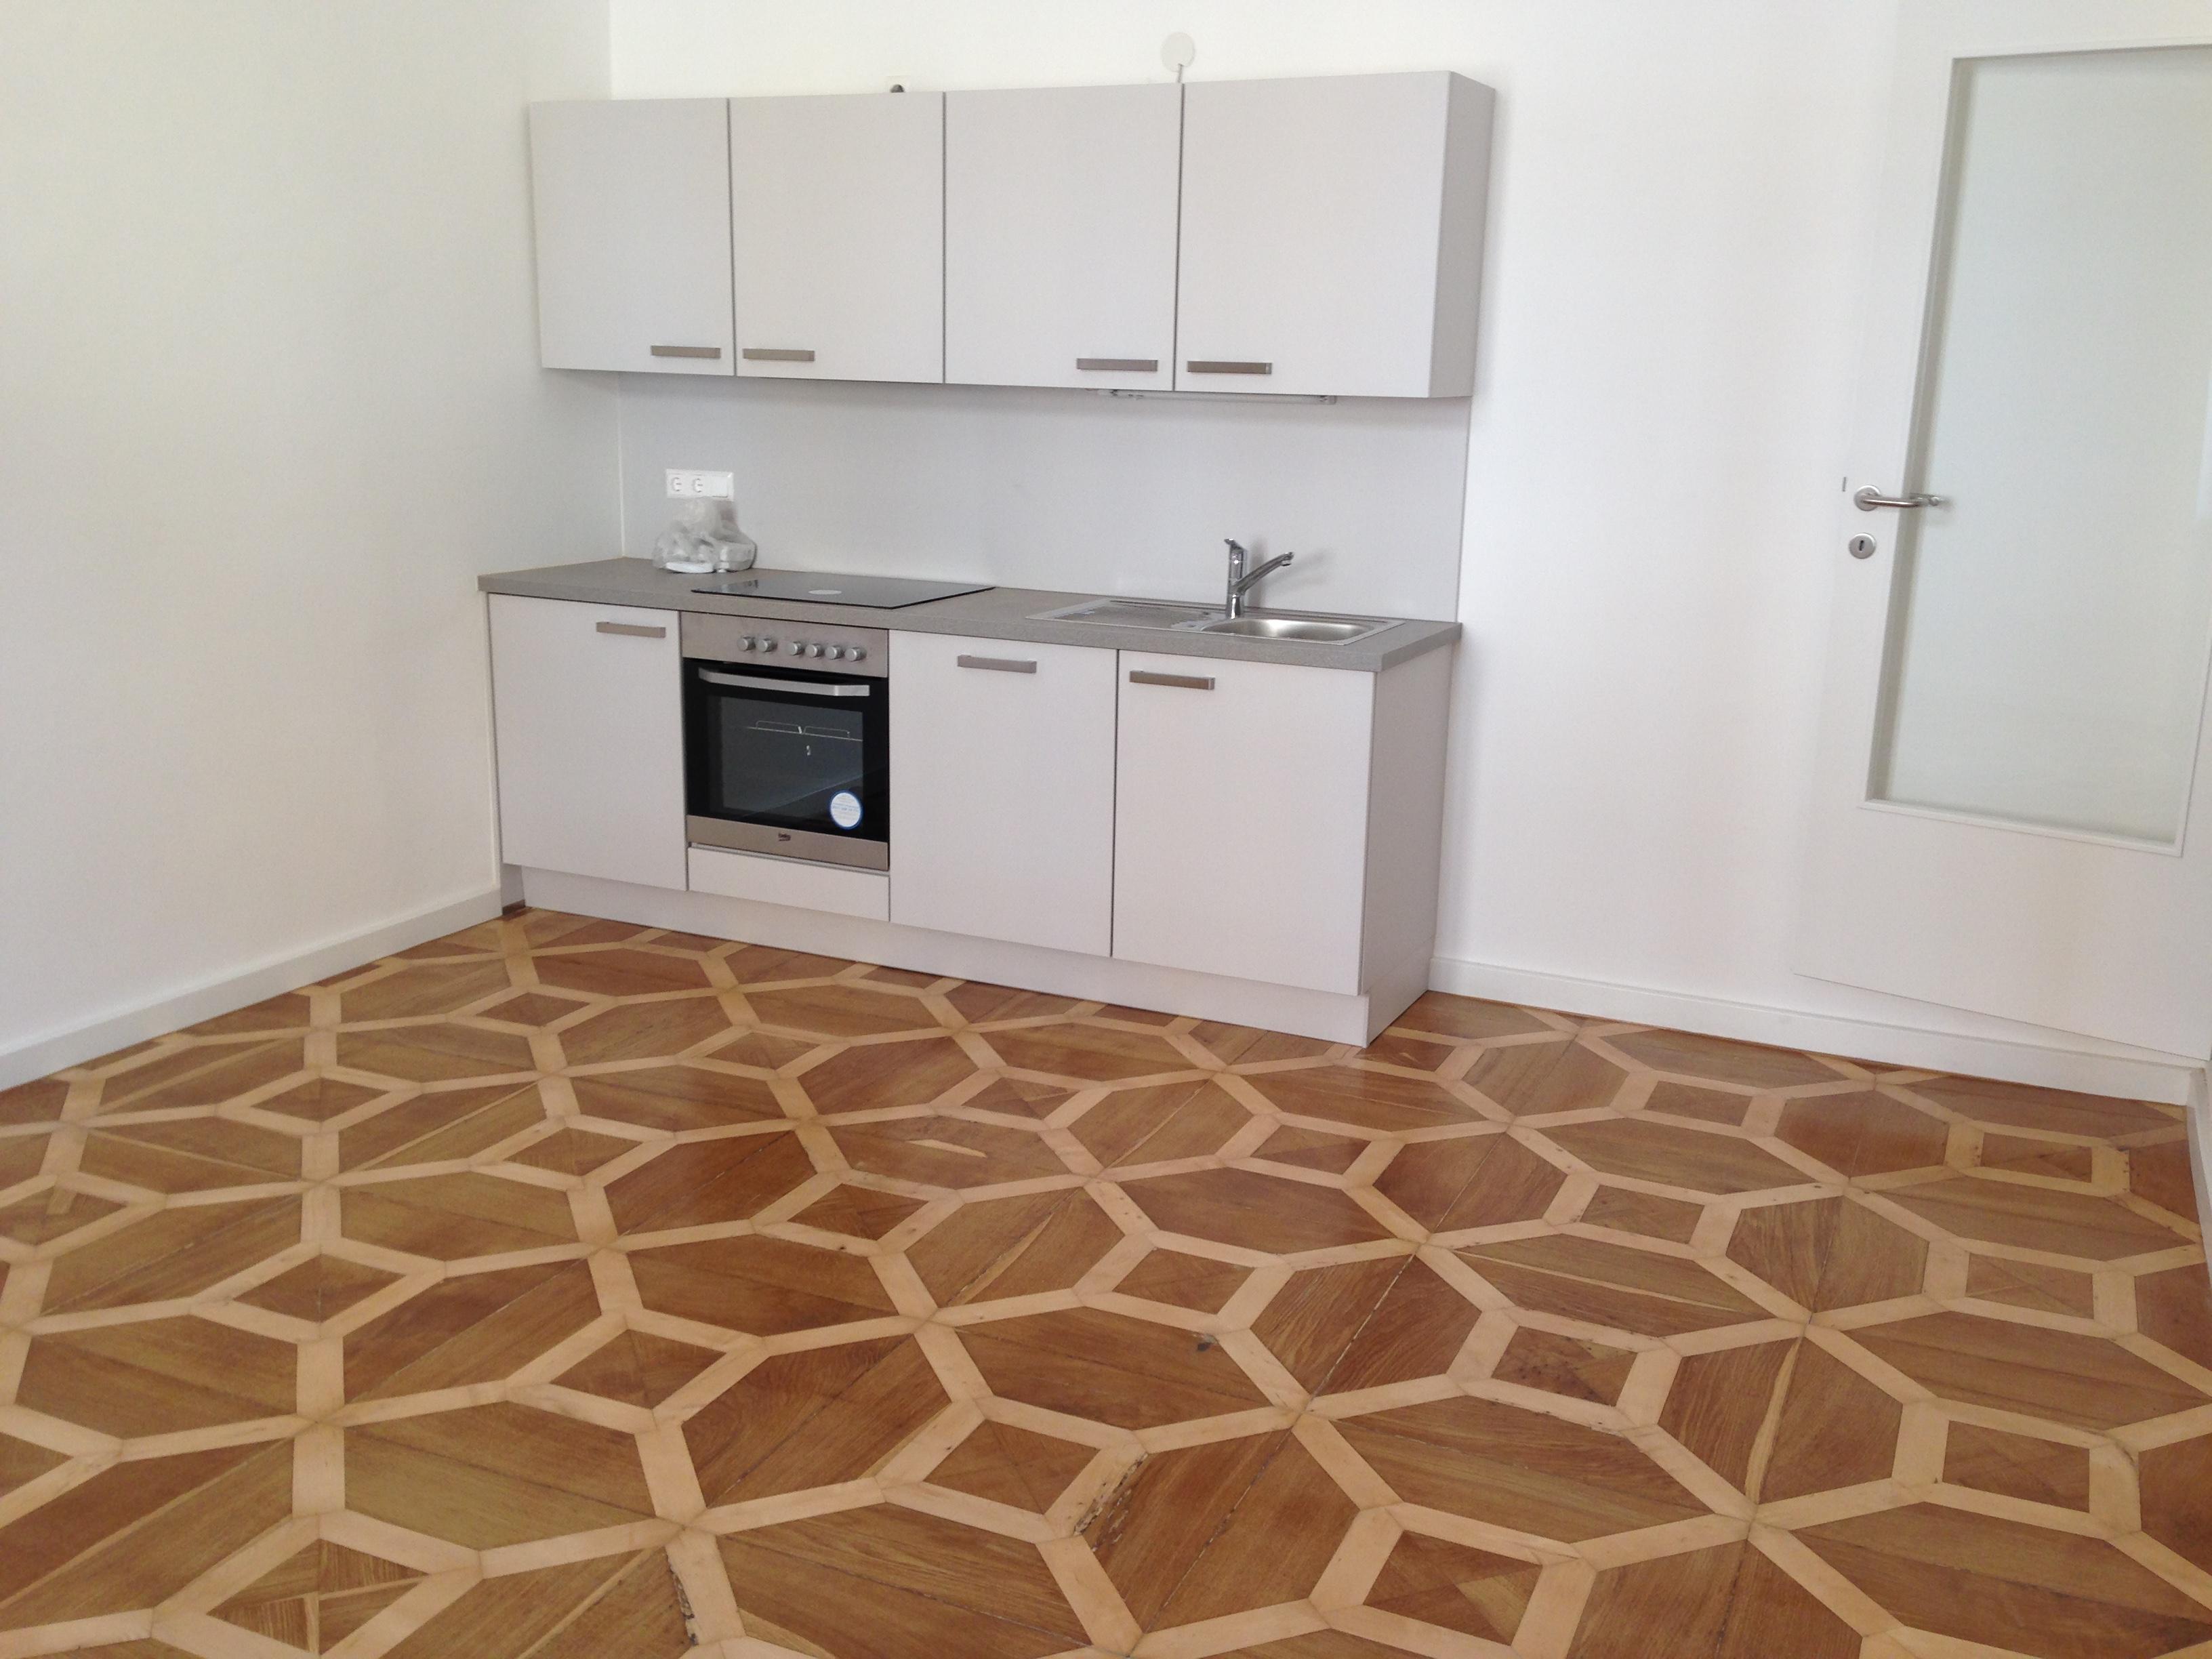 Zinzendorfgasse 1-Zimmer-Mietwohnung in unmittelbarer Uni-Nähe. Sanierte Altbauwohnung